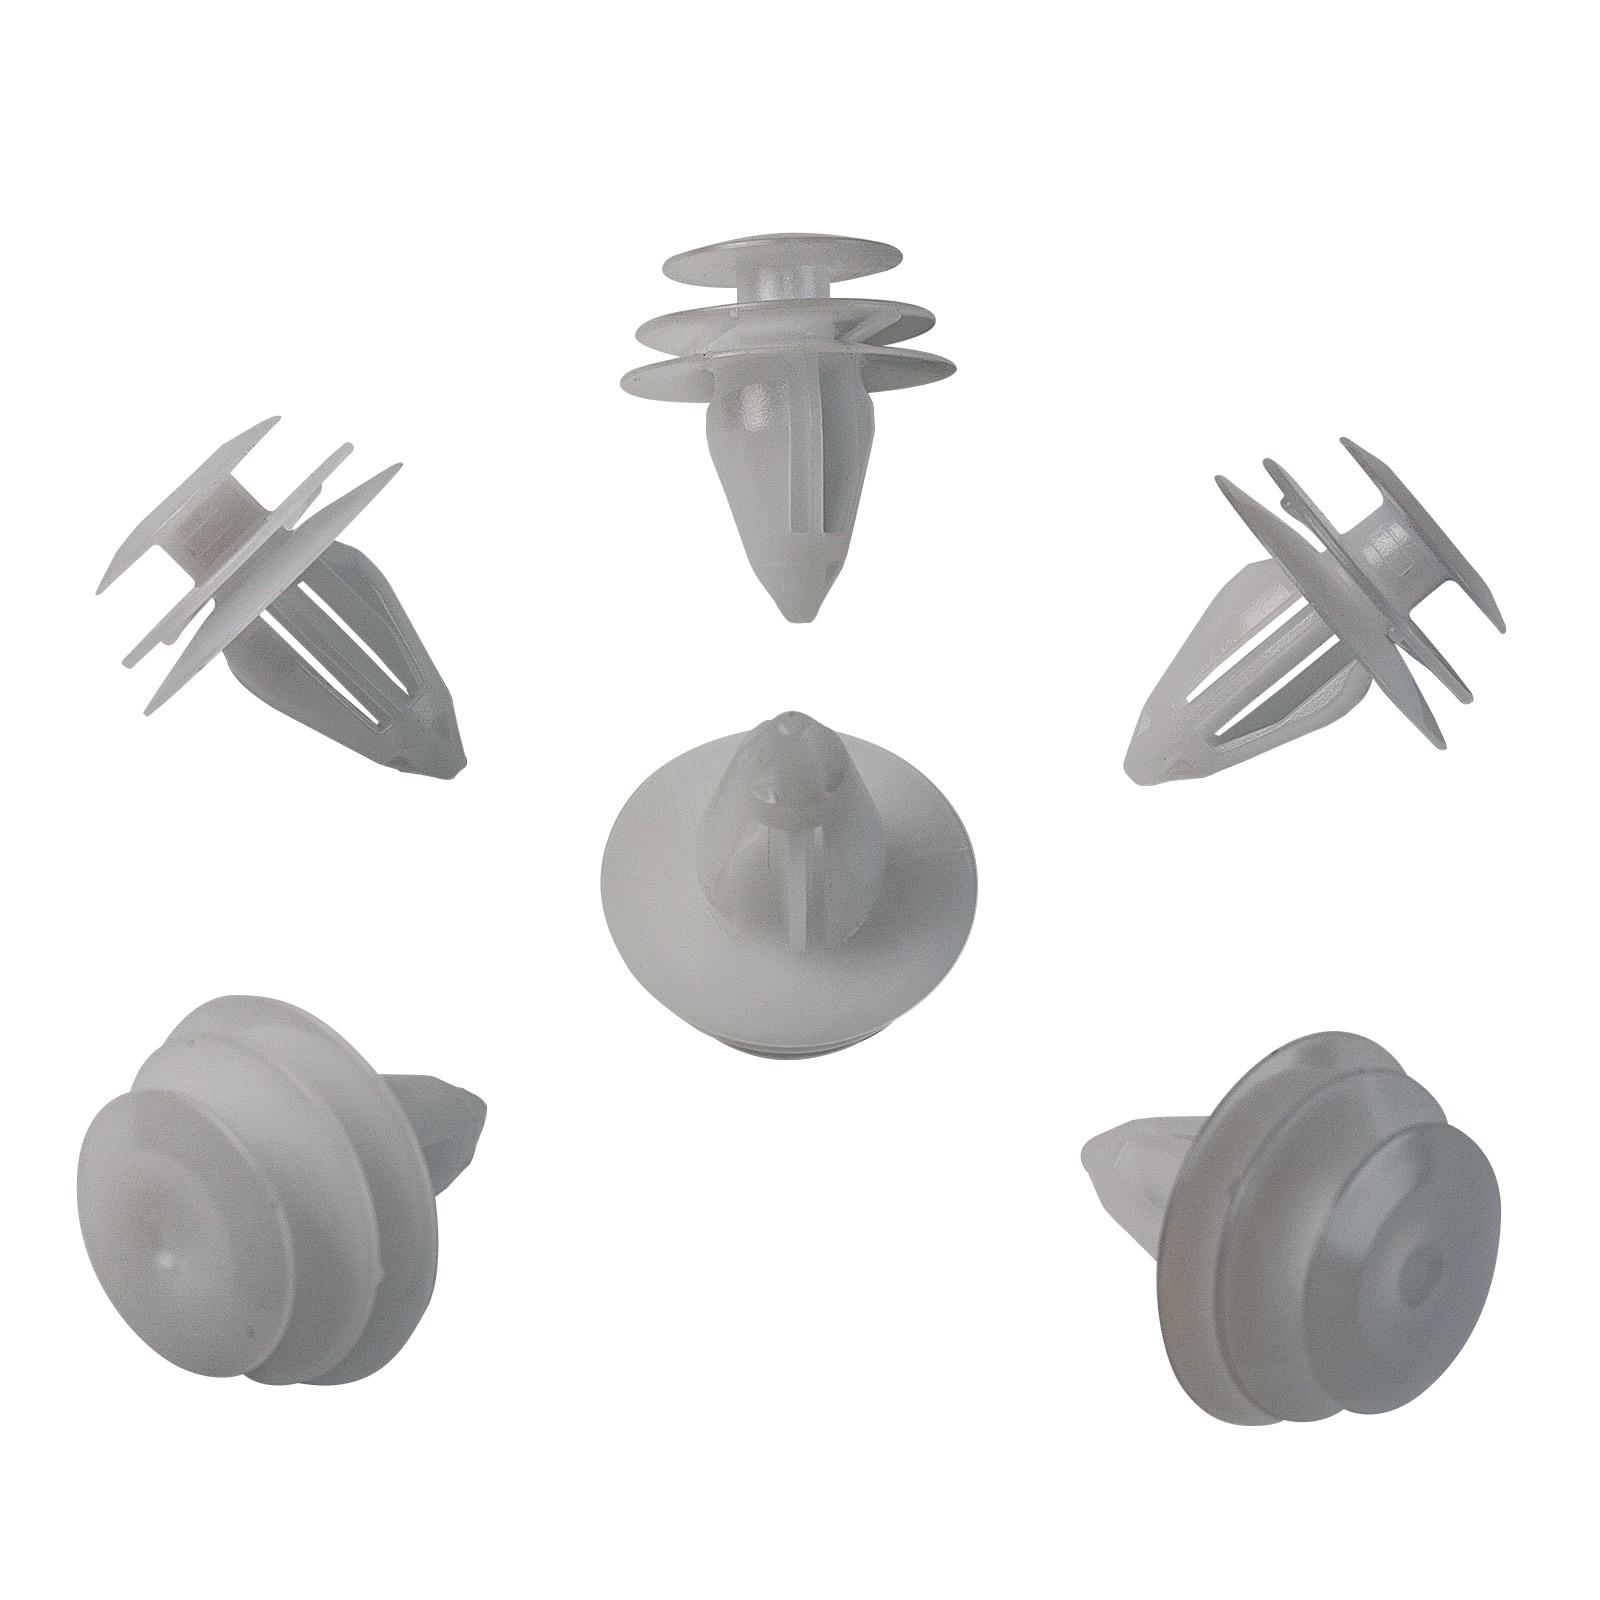 20x Tür Innenverkleidung Befestigungs Clips für VW6E0-837-732